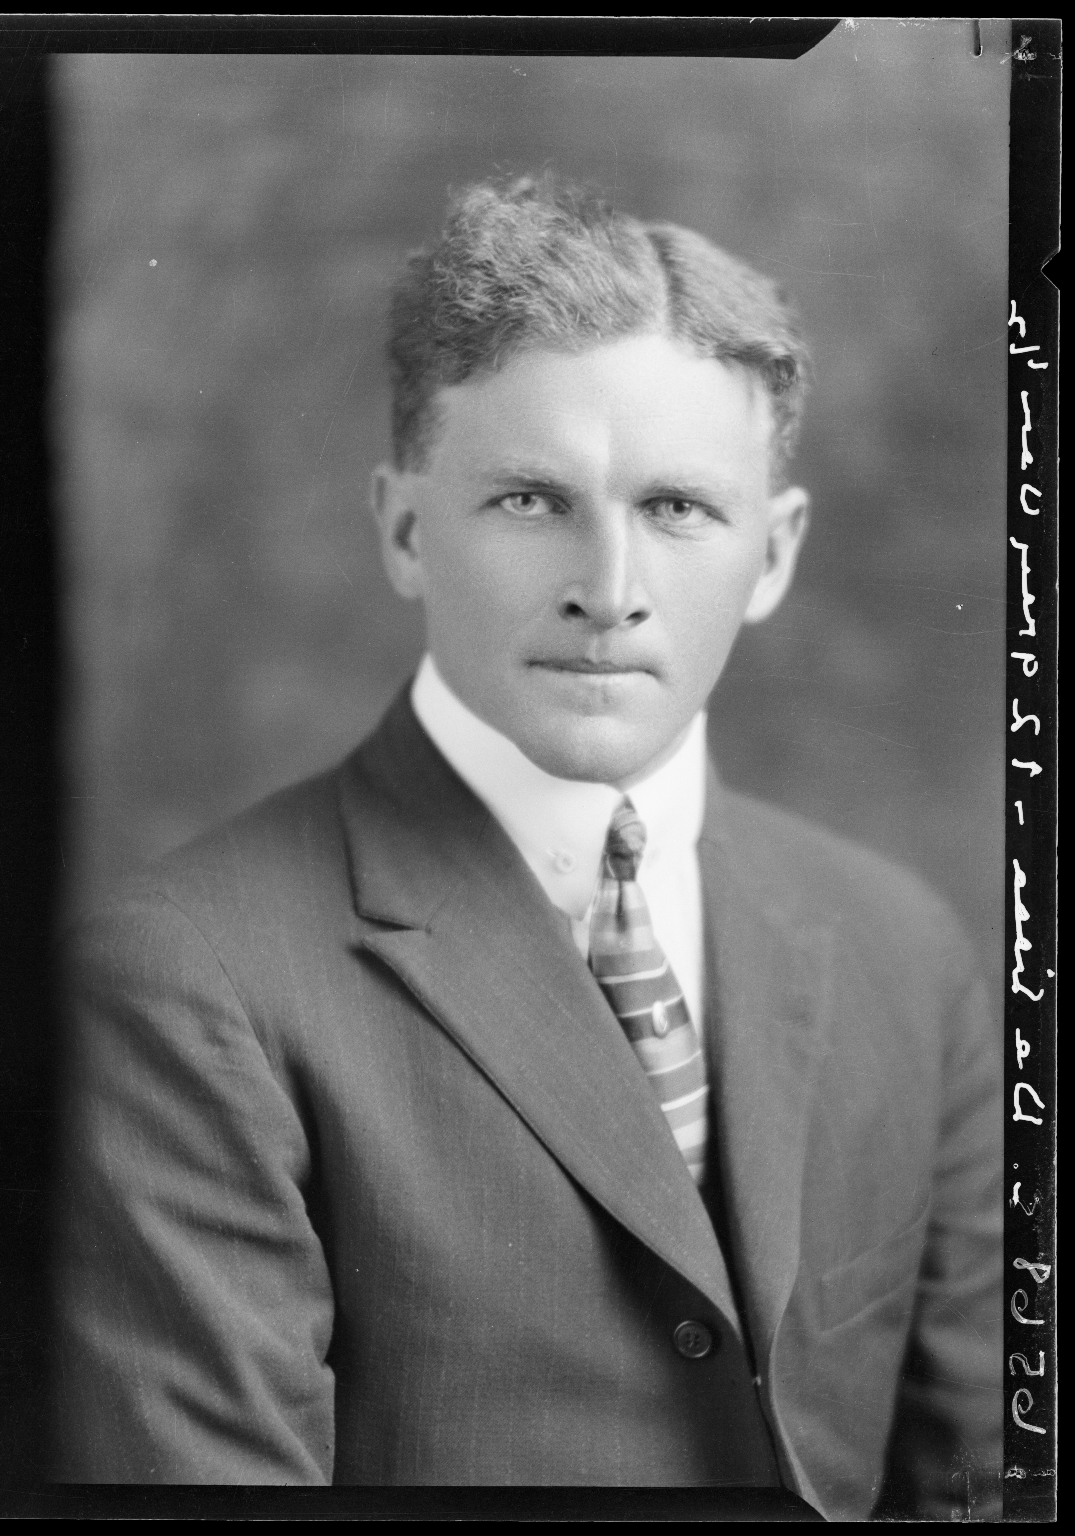 Portraits of S. DeSille